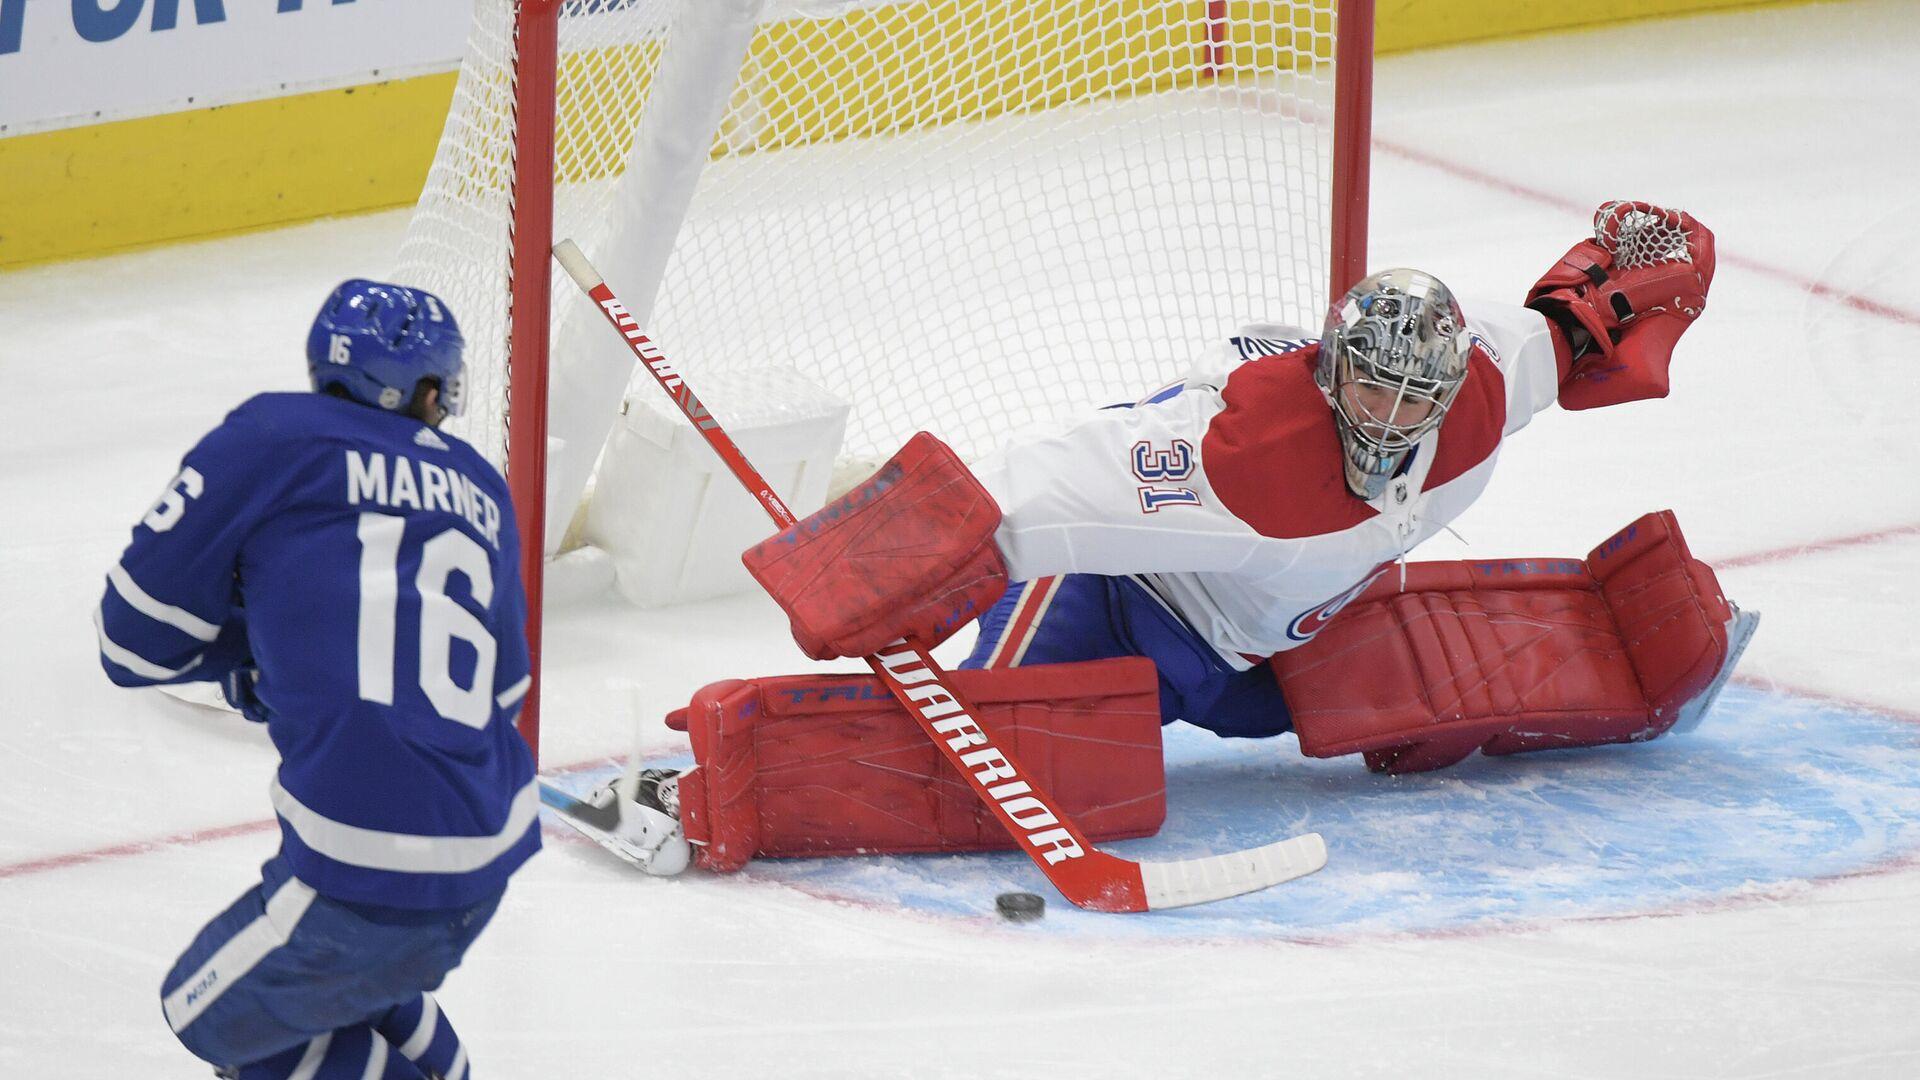 Игровой момент матча НХЛ  Монреаль Канадиенс - Торонто Мейпл Лифс - РИА Новости, 1920, 14.01.2021